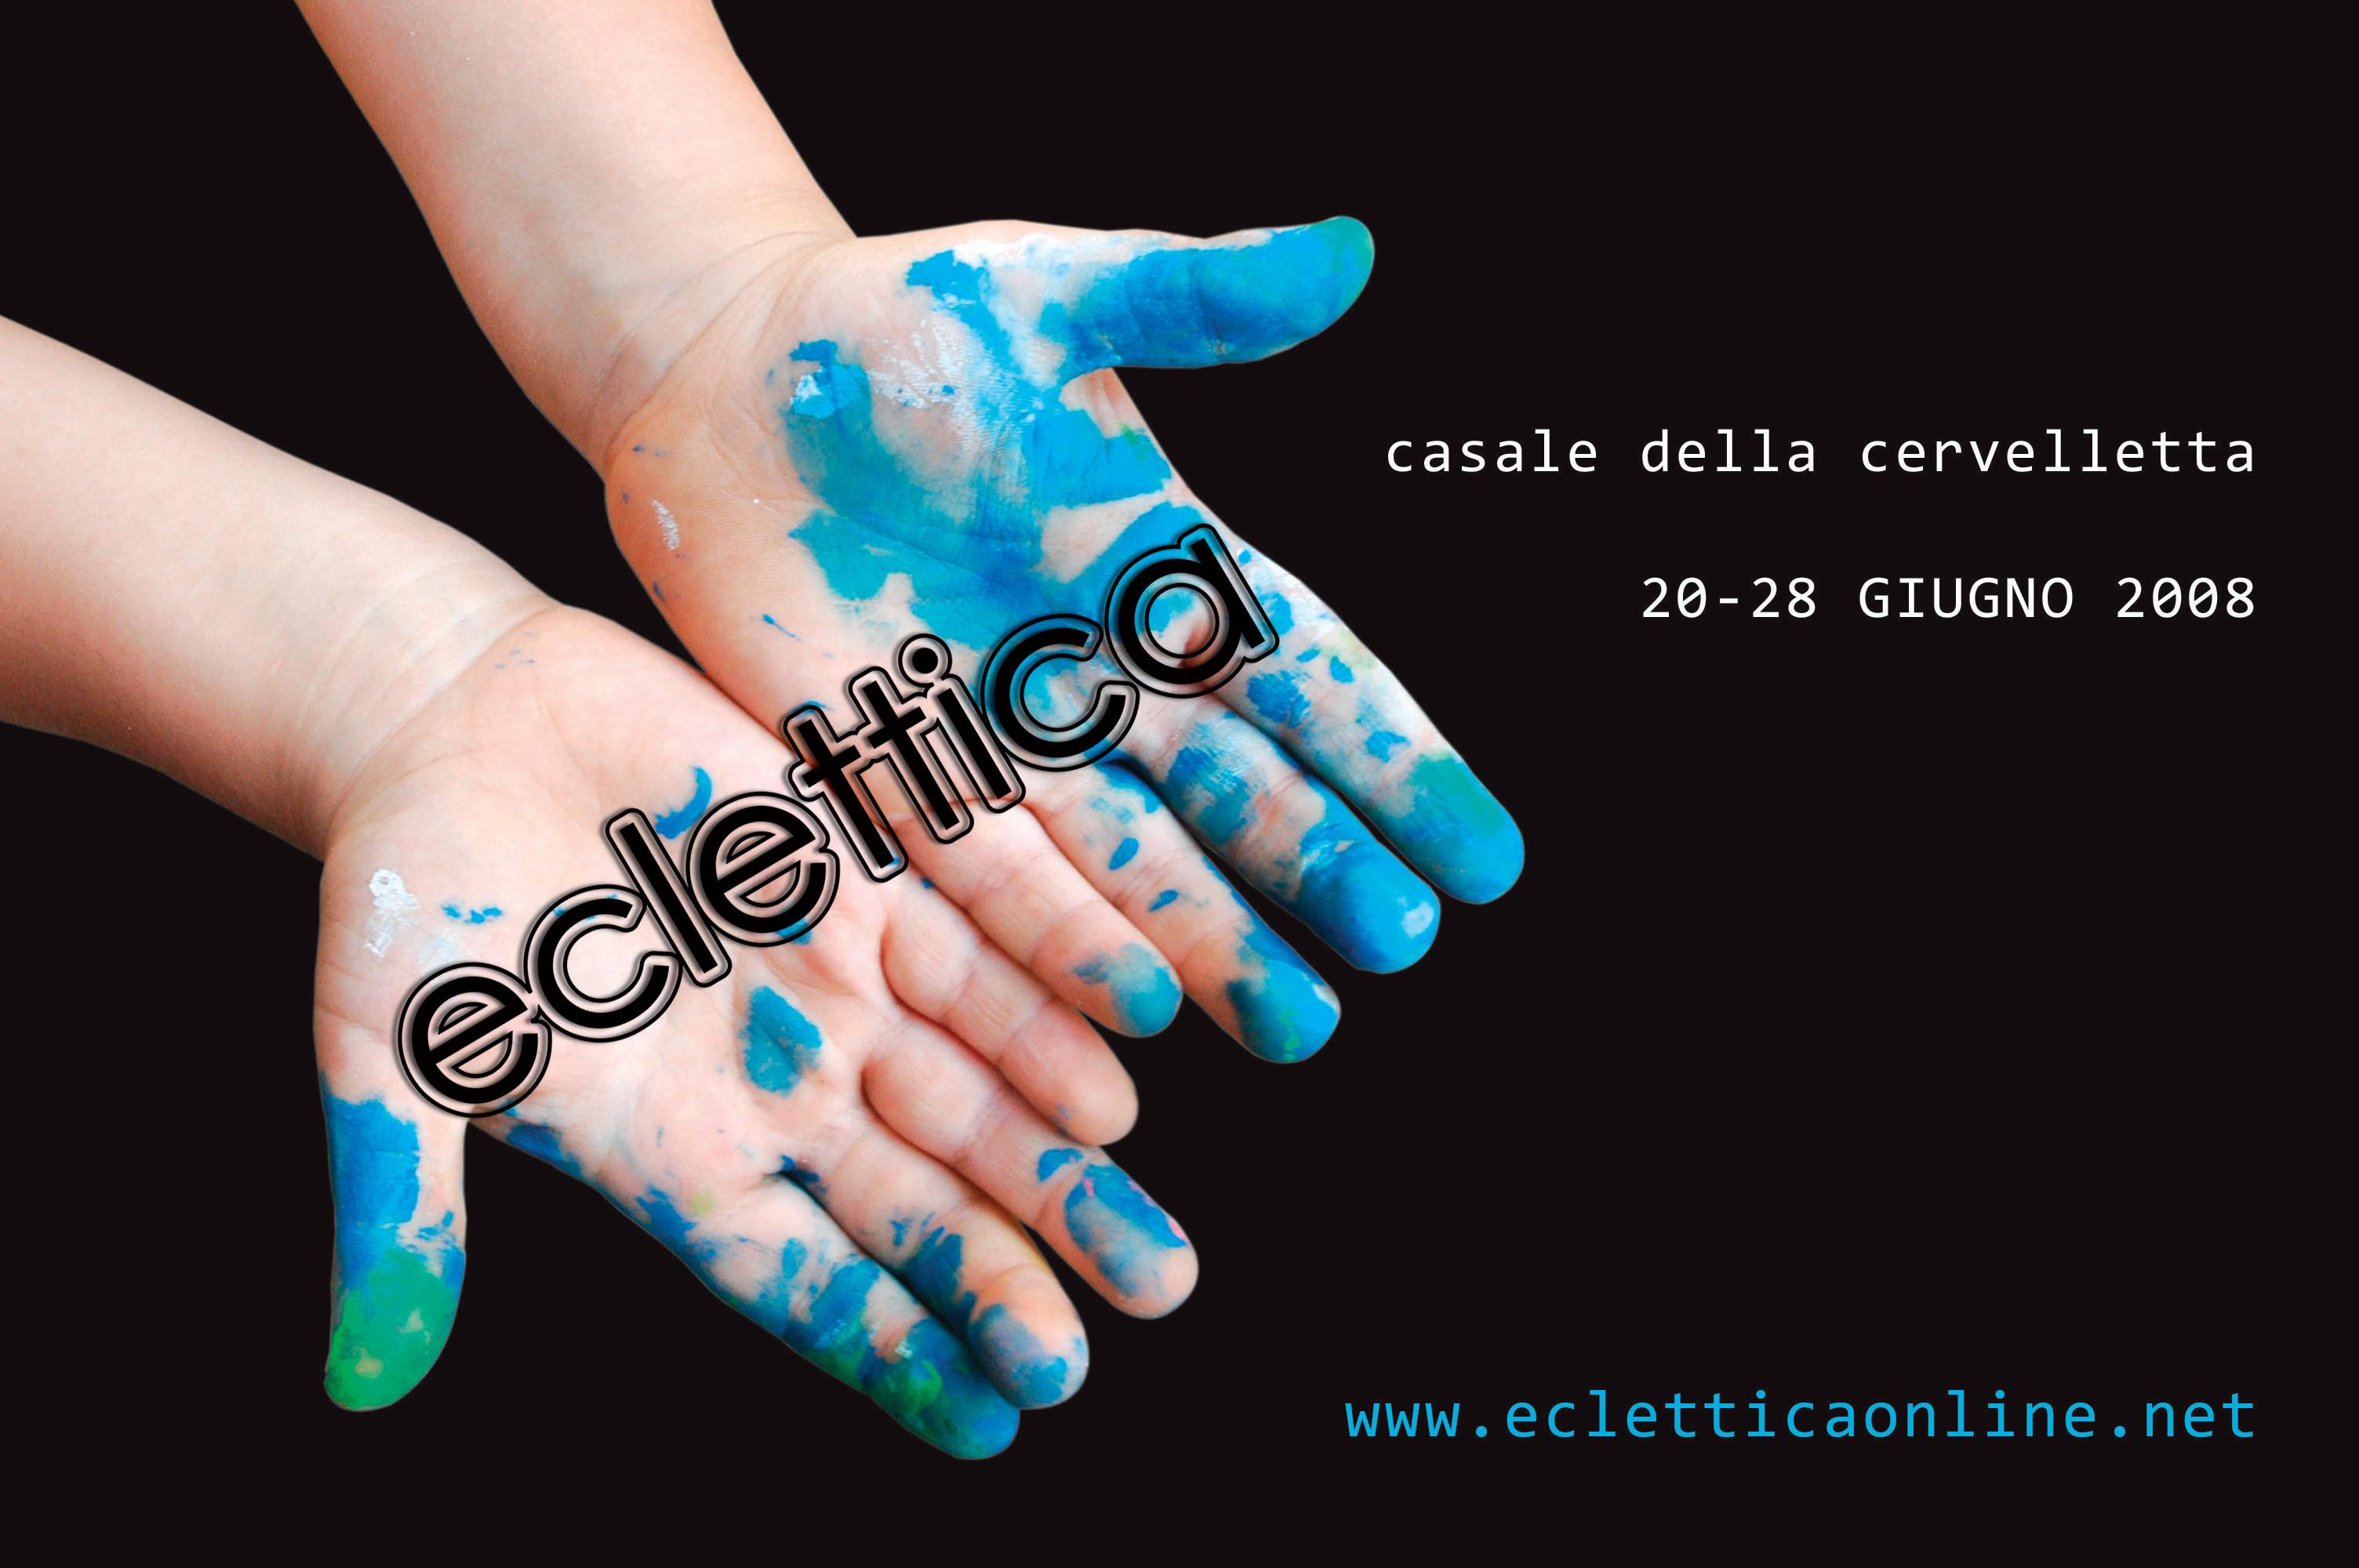 20-28 Giugno ECLETTICA ALLA CERVELLETTA